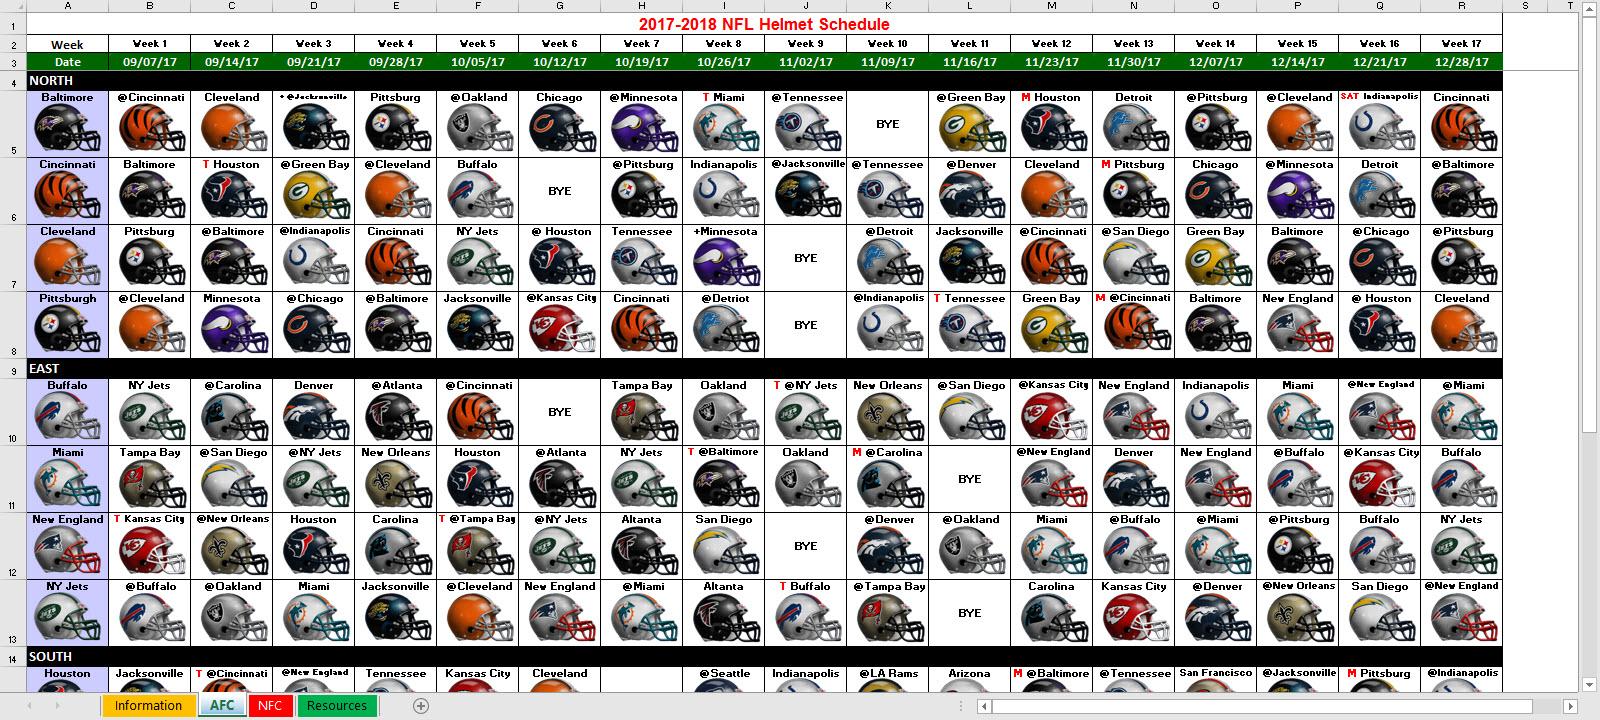 Excel Spreadsheets Help: 2017 NFL Helmet Schedule Spreadsheet